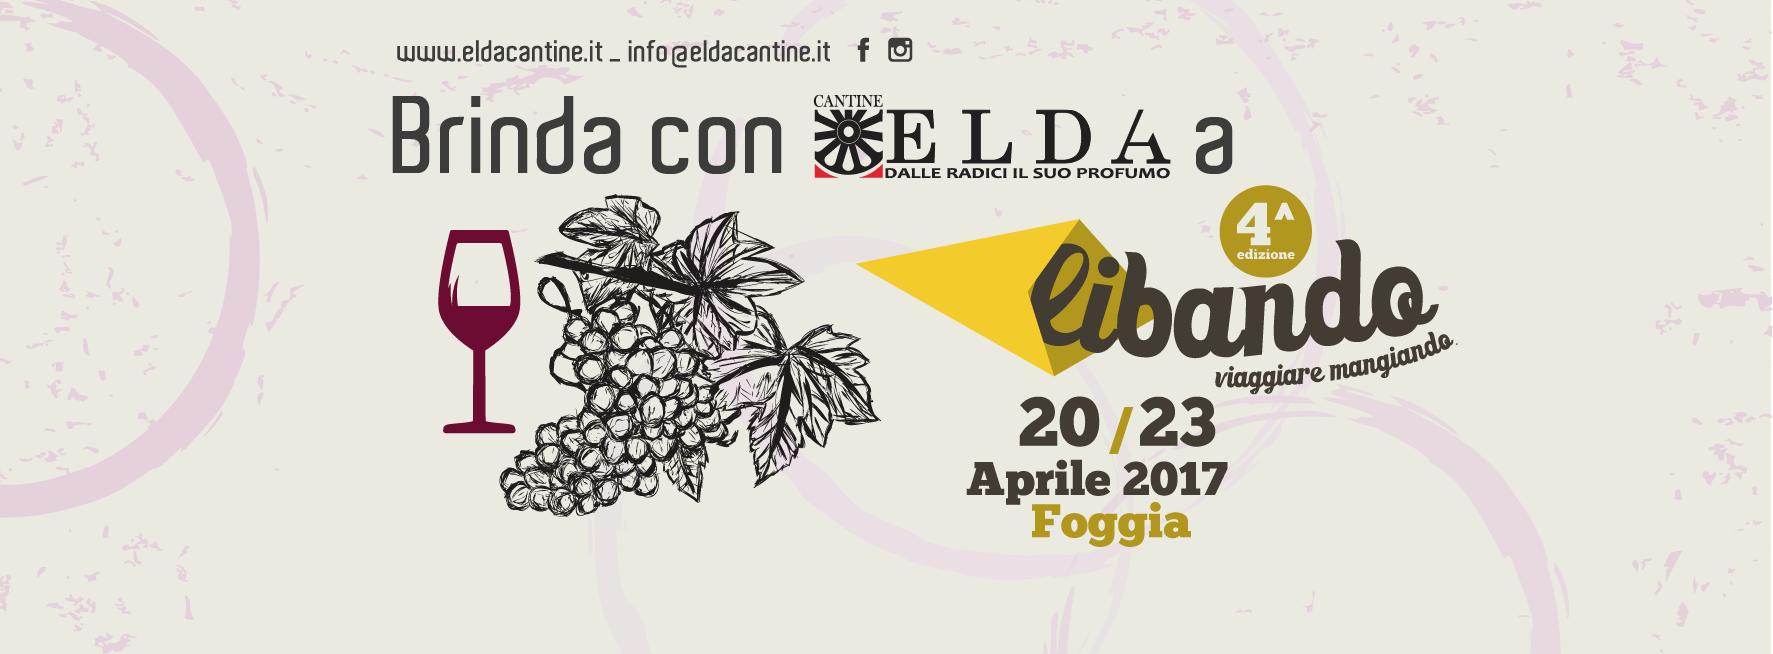 """(Italiano) Inaugurazione ufficiale della 4^ edizione di """"Libando, viaggiare mangiando"""""""